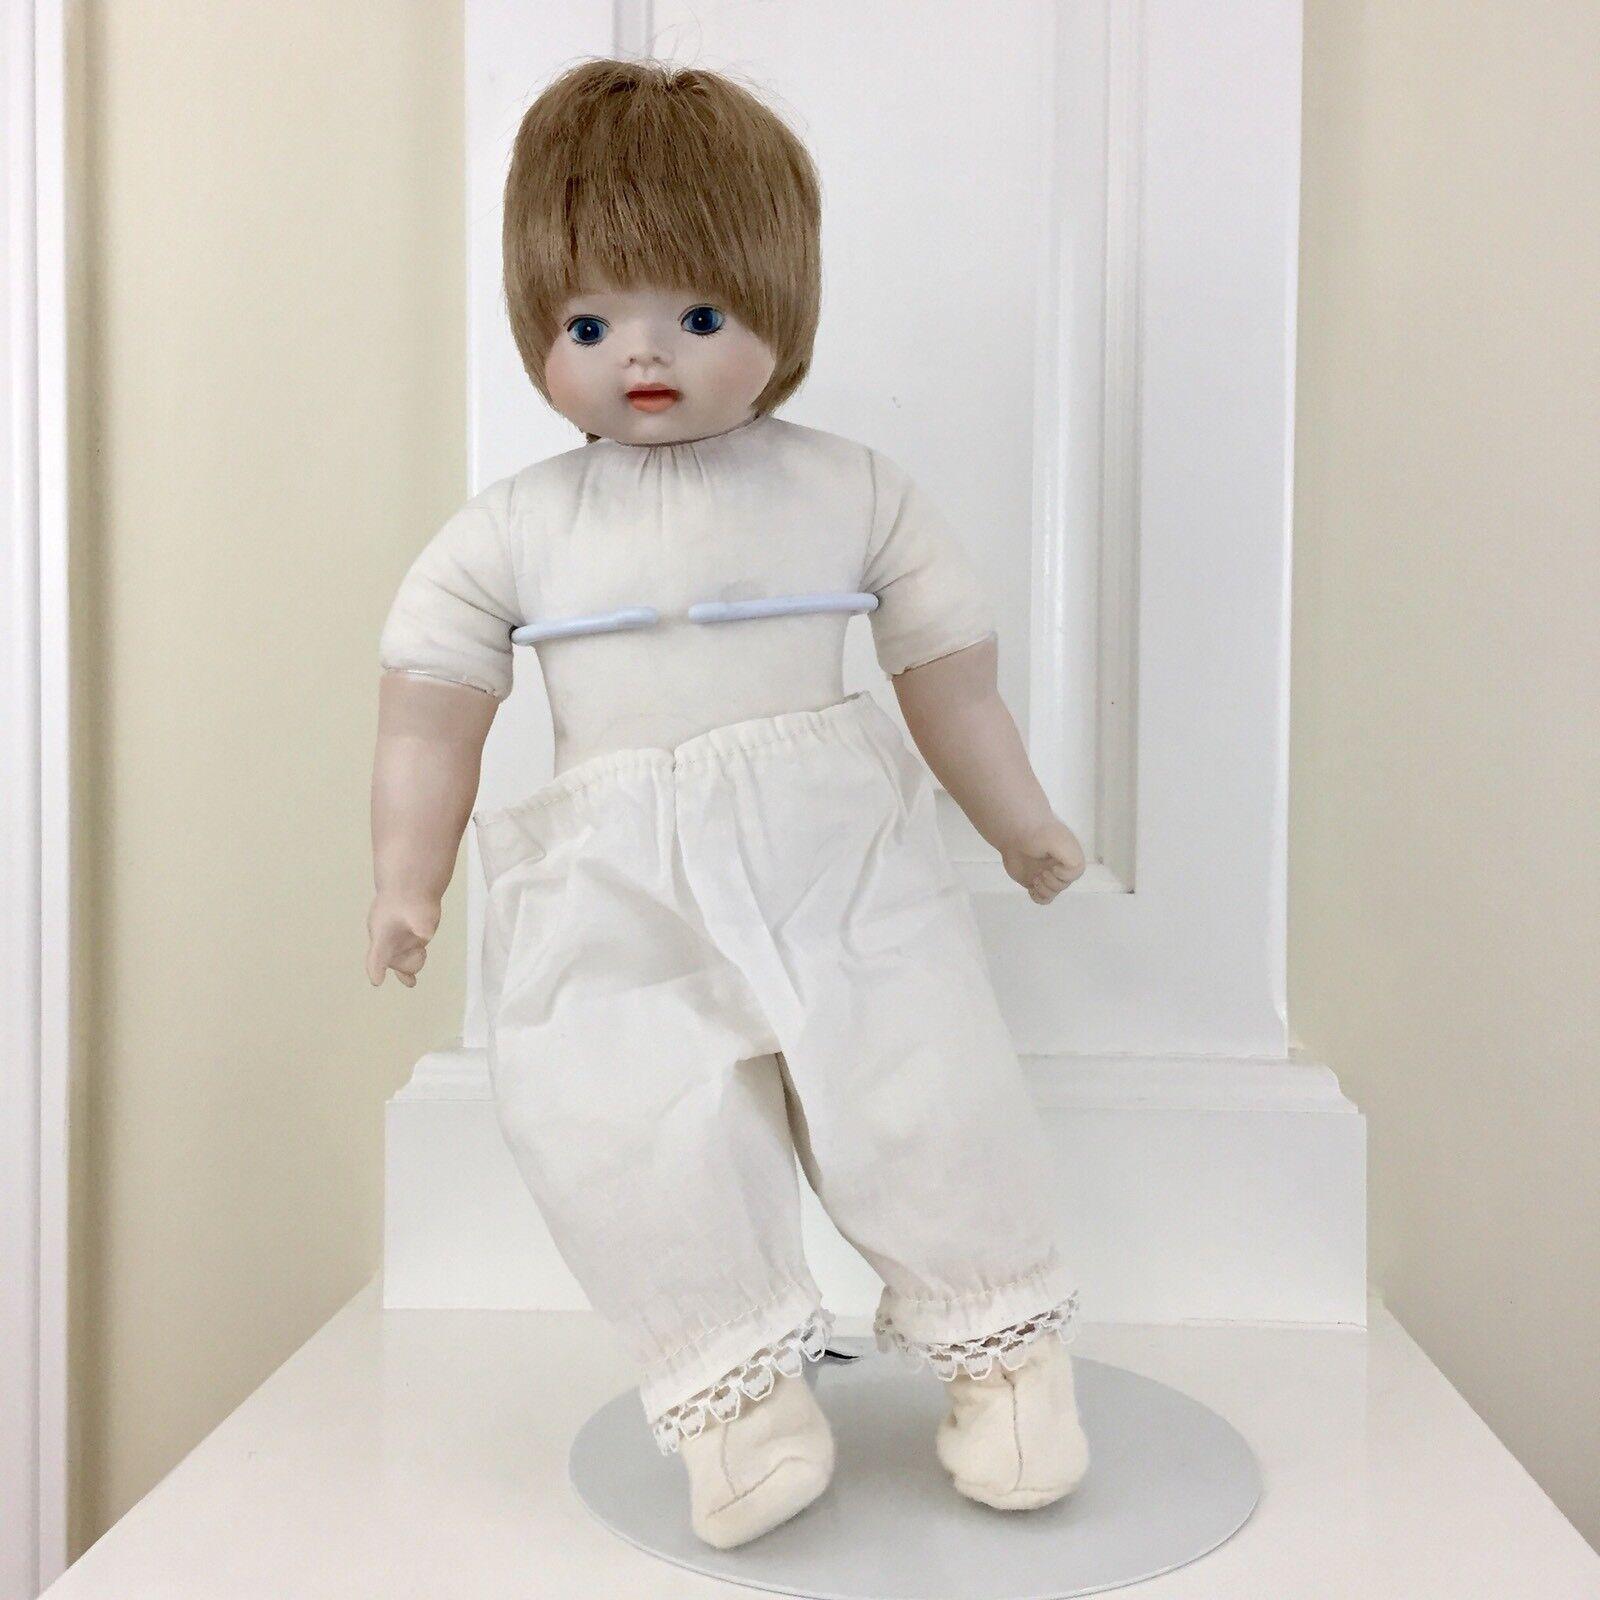 Porcelain Boy Doll Collection De Poupees Sankyo Musical Wind Up J. Brahams